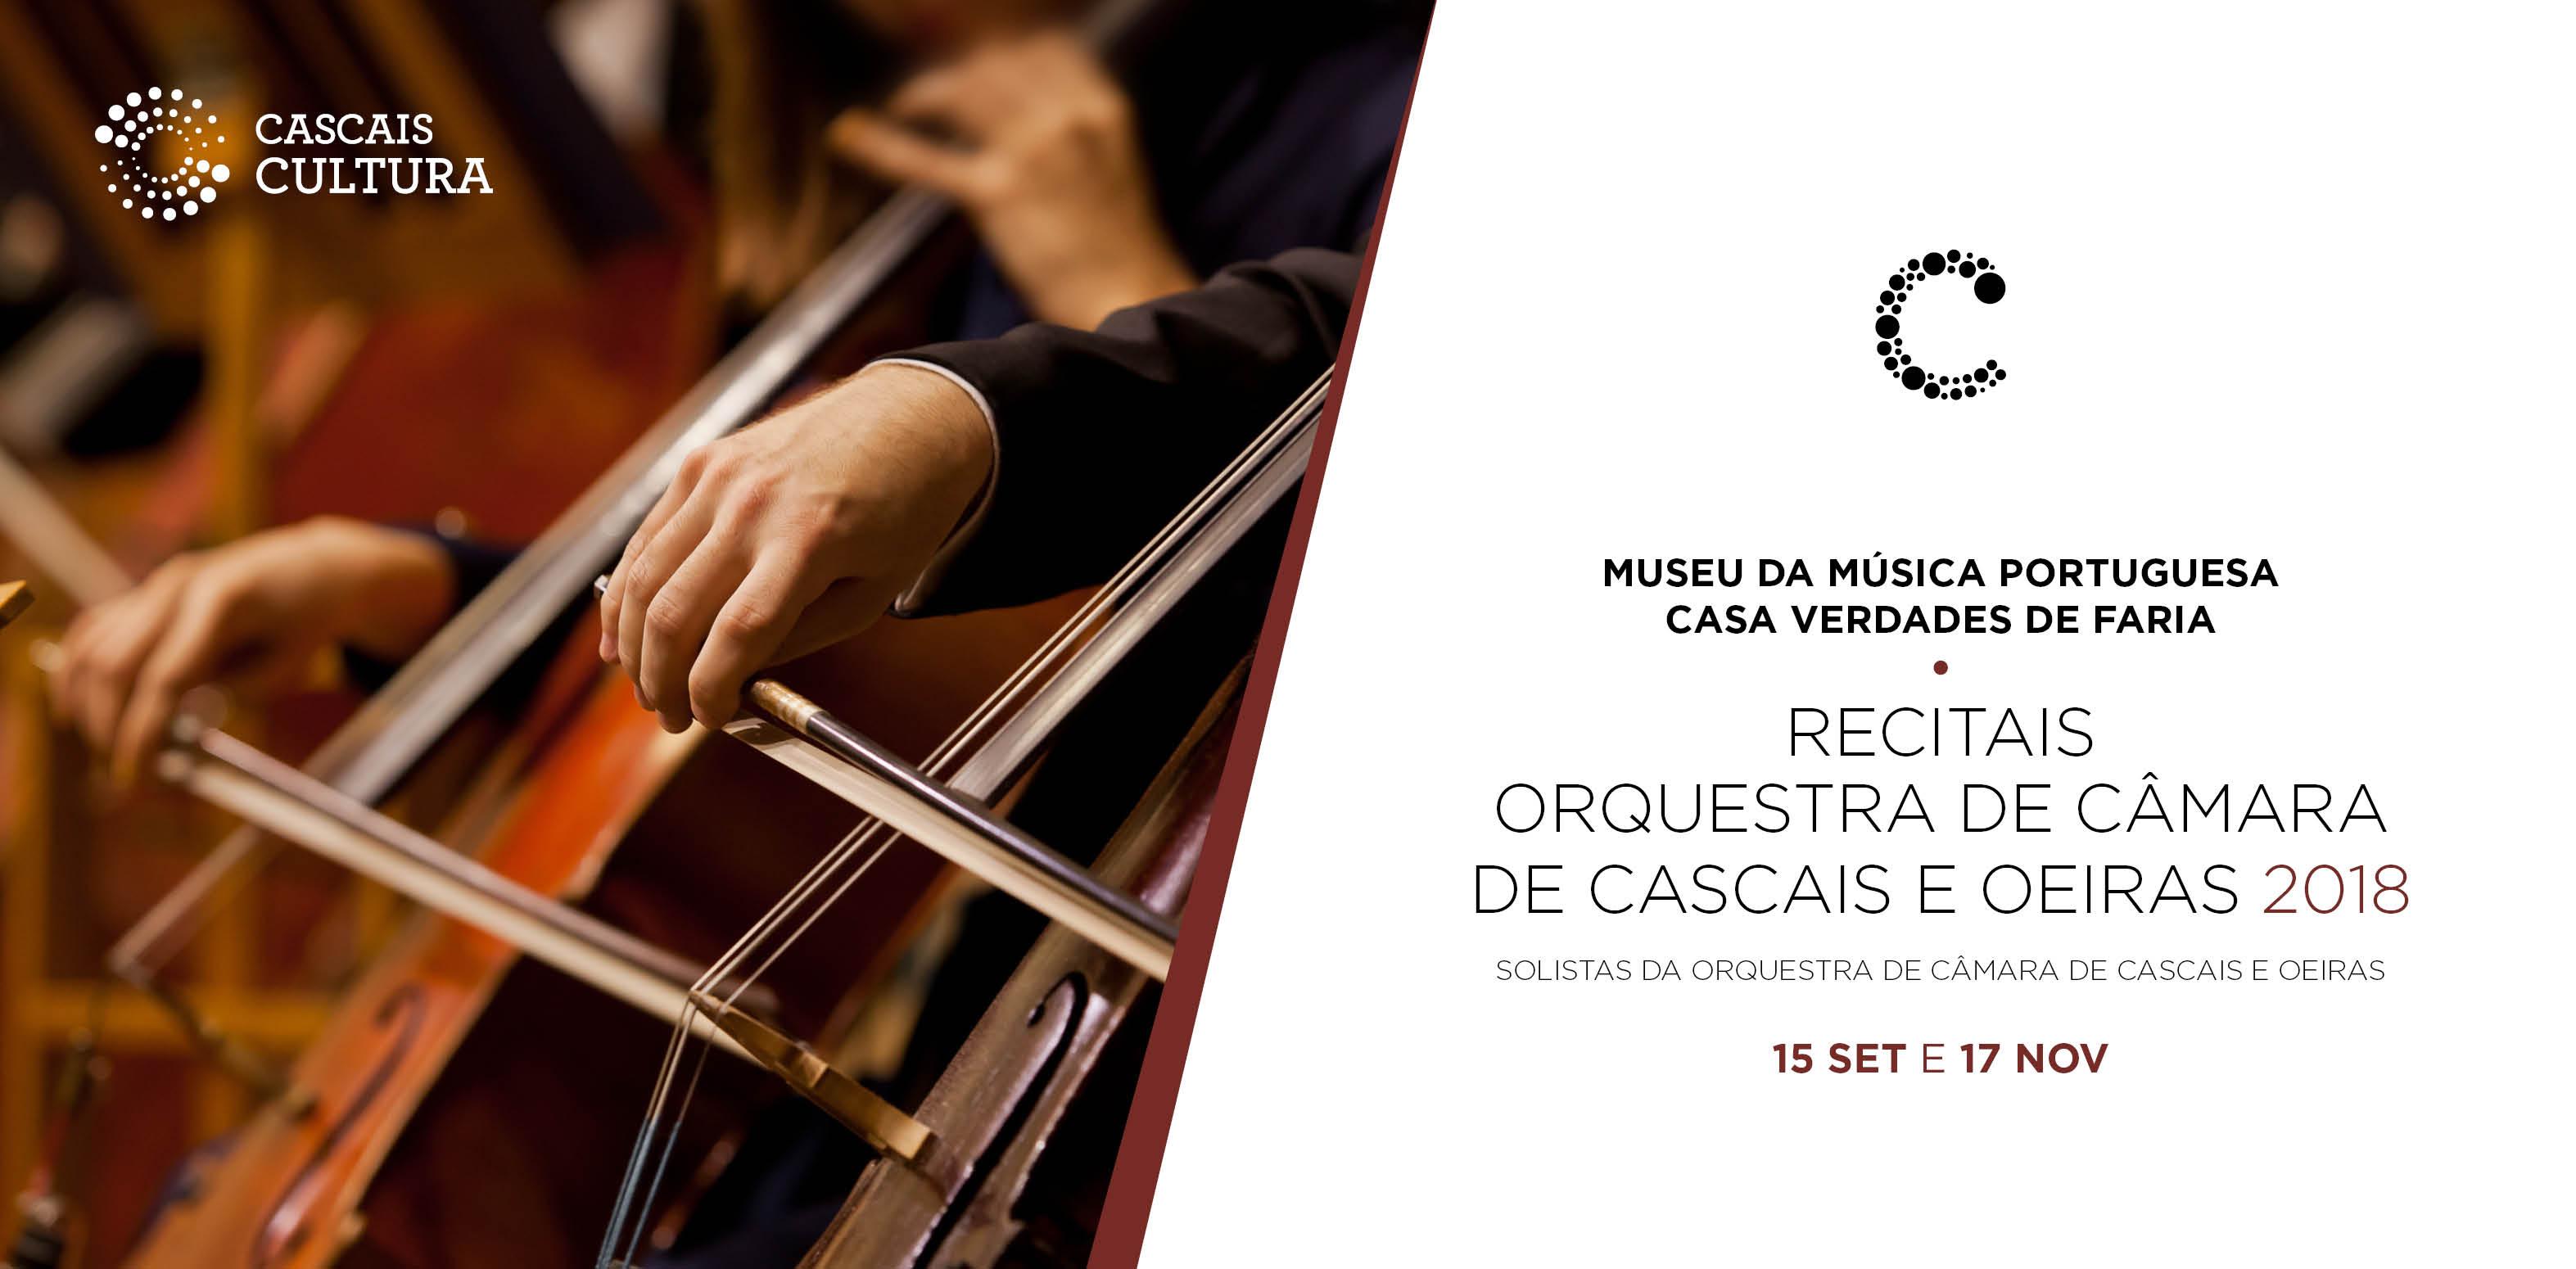 Recitais Da Orquestra de Câmara De Cascais e Oeiras 2018